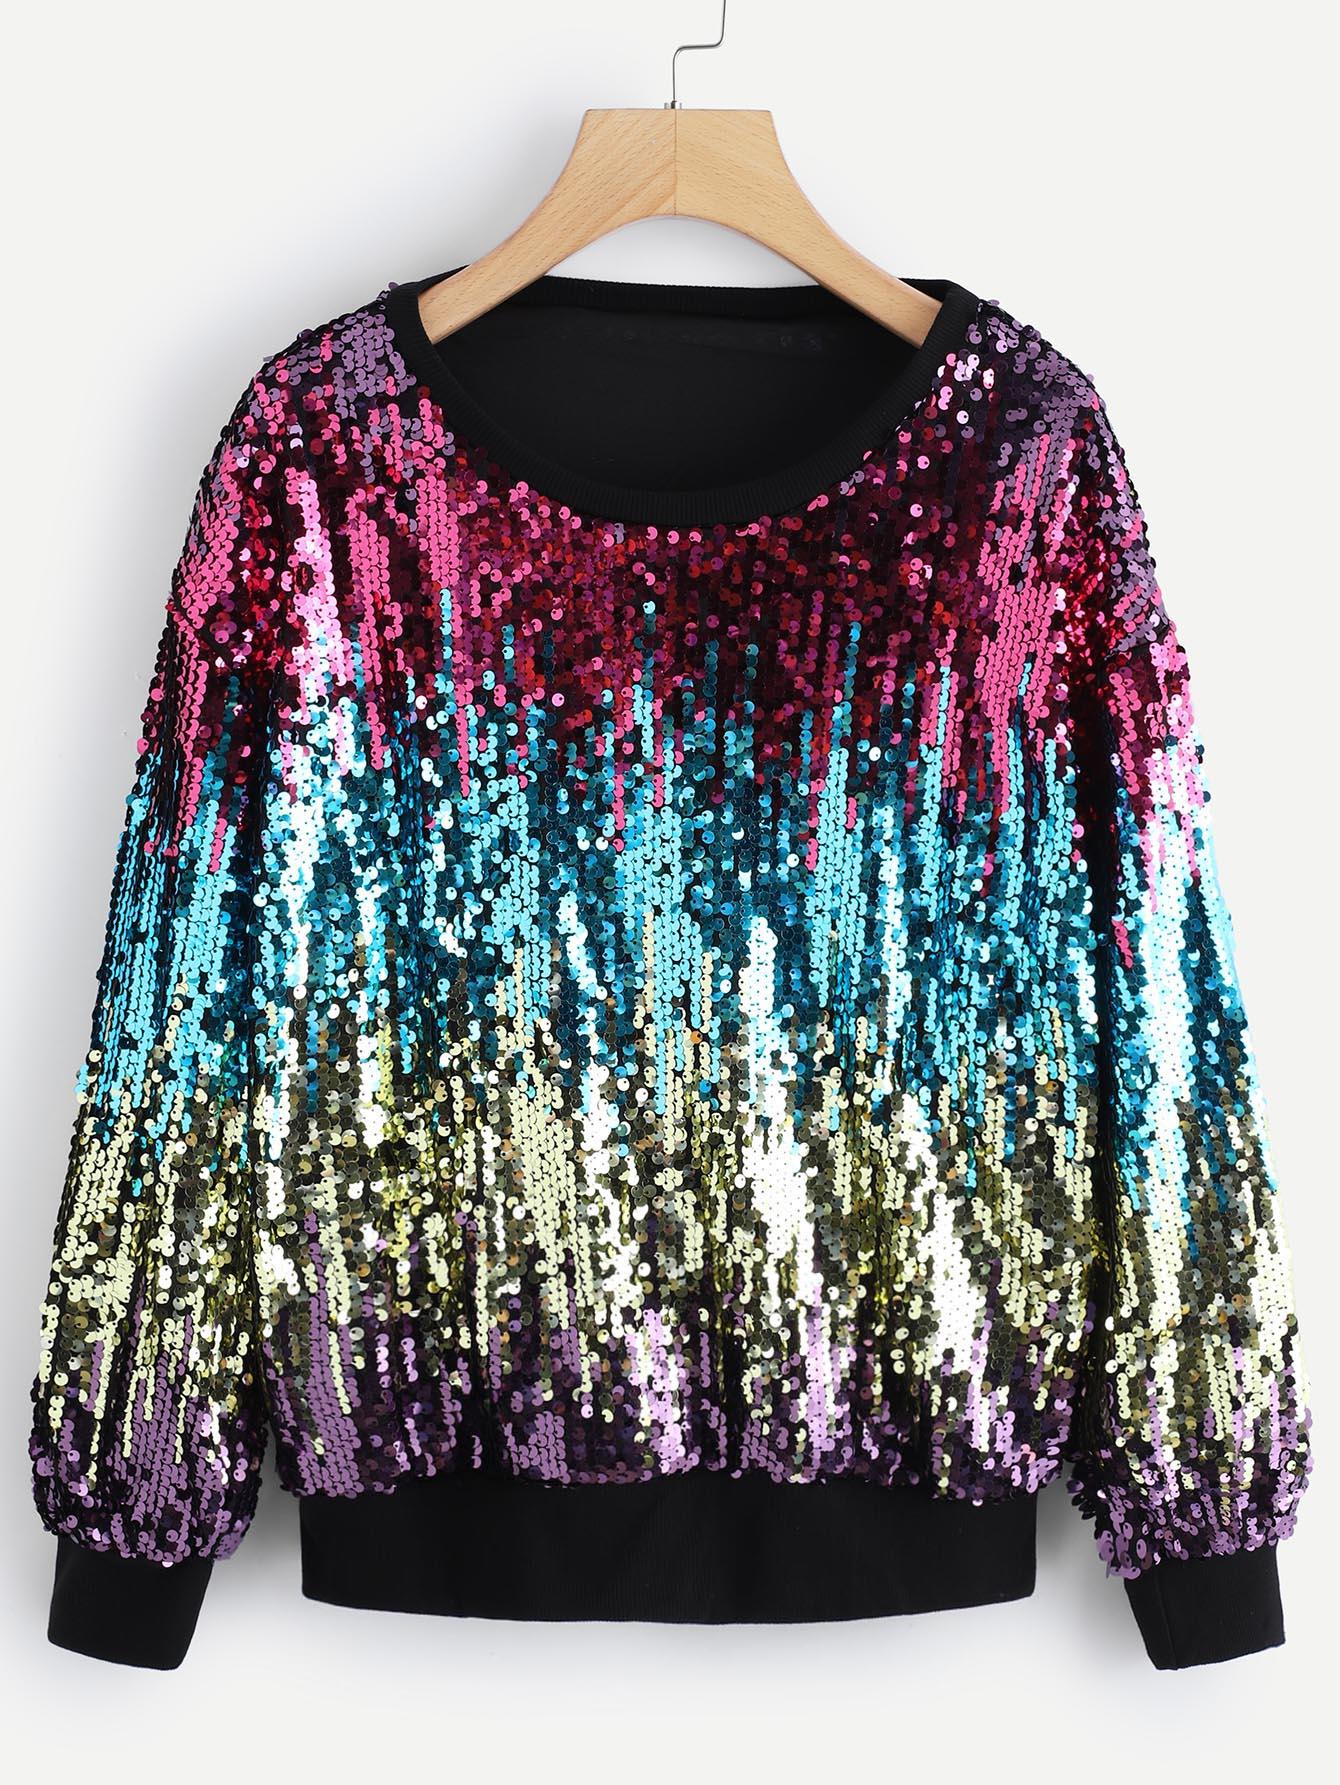 Купить Повседневный Контрастные блестки Пуловеры Многоцветный Свитшоты, null, SheIn